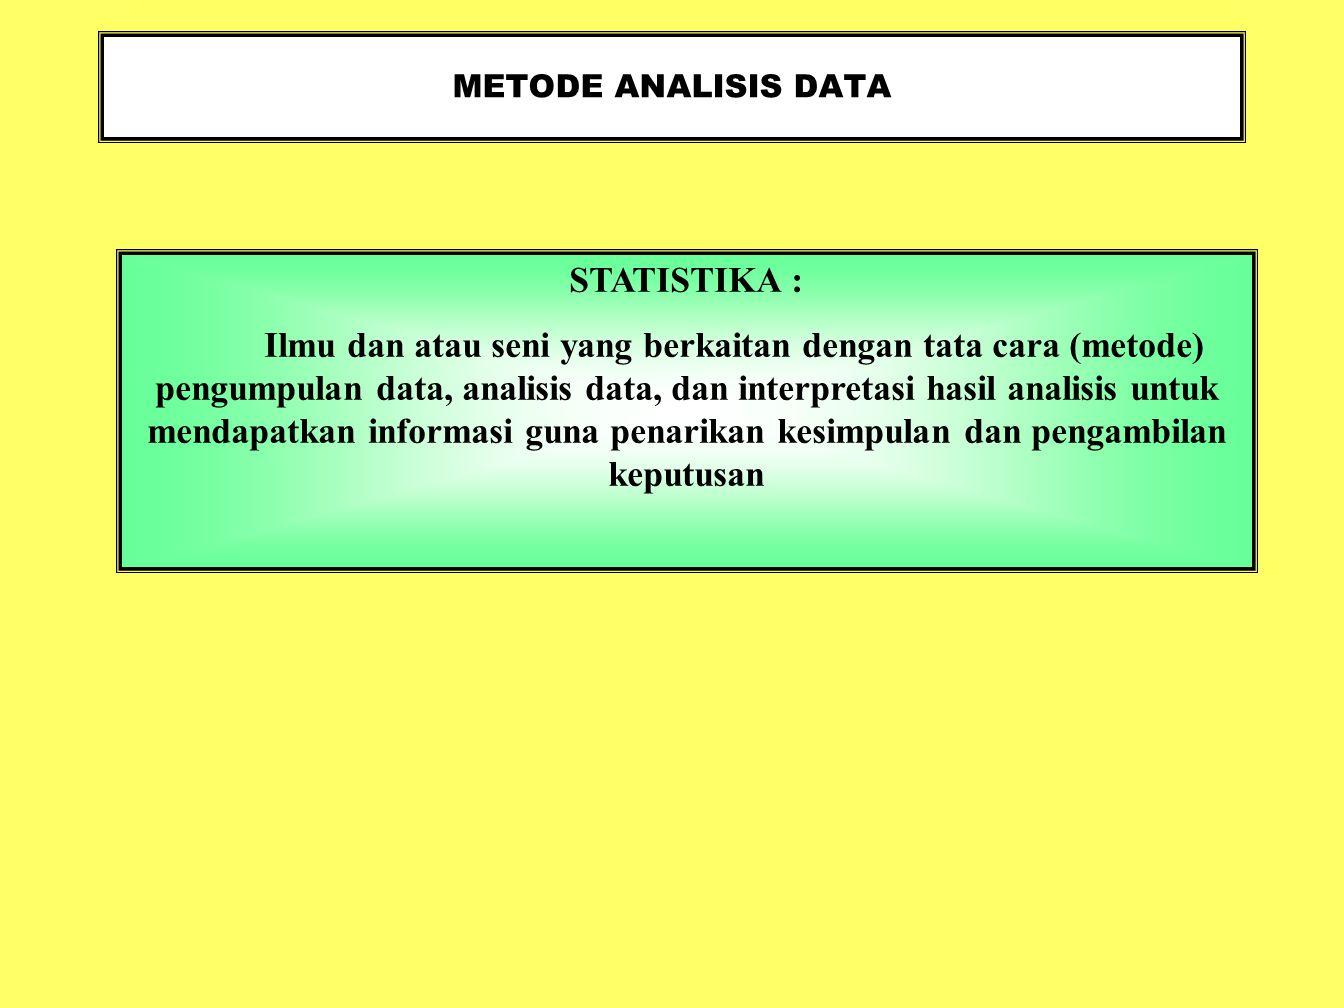 METODE ANALISIS DATA STATISTIKA : Ilmu dan atau seni yang berkaitan dengan tata cara (metode) pengumpulan data, analisis data, dan interpretasi hasil